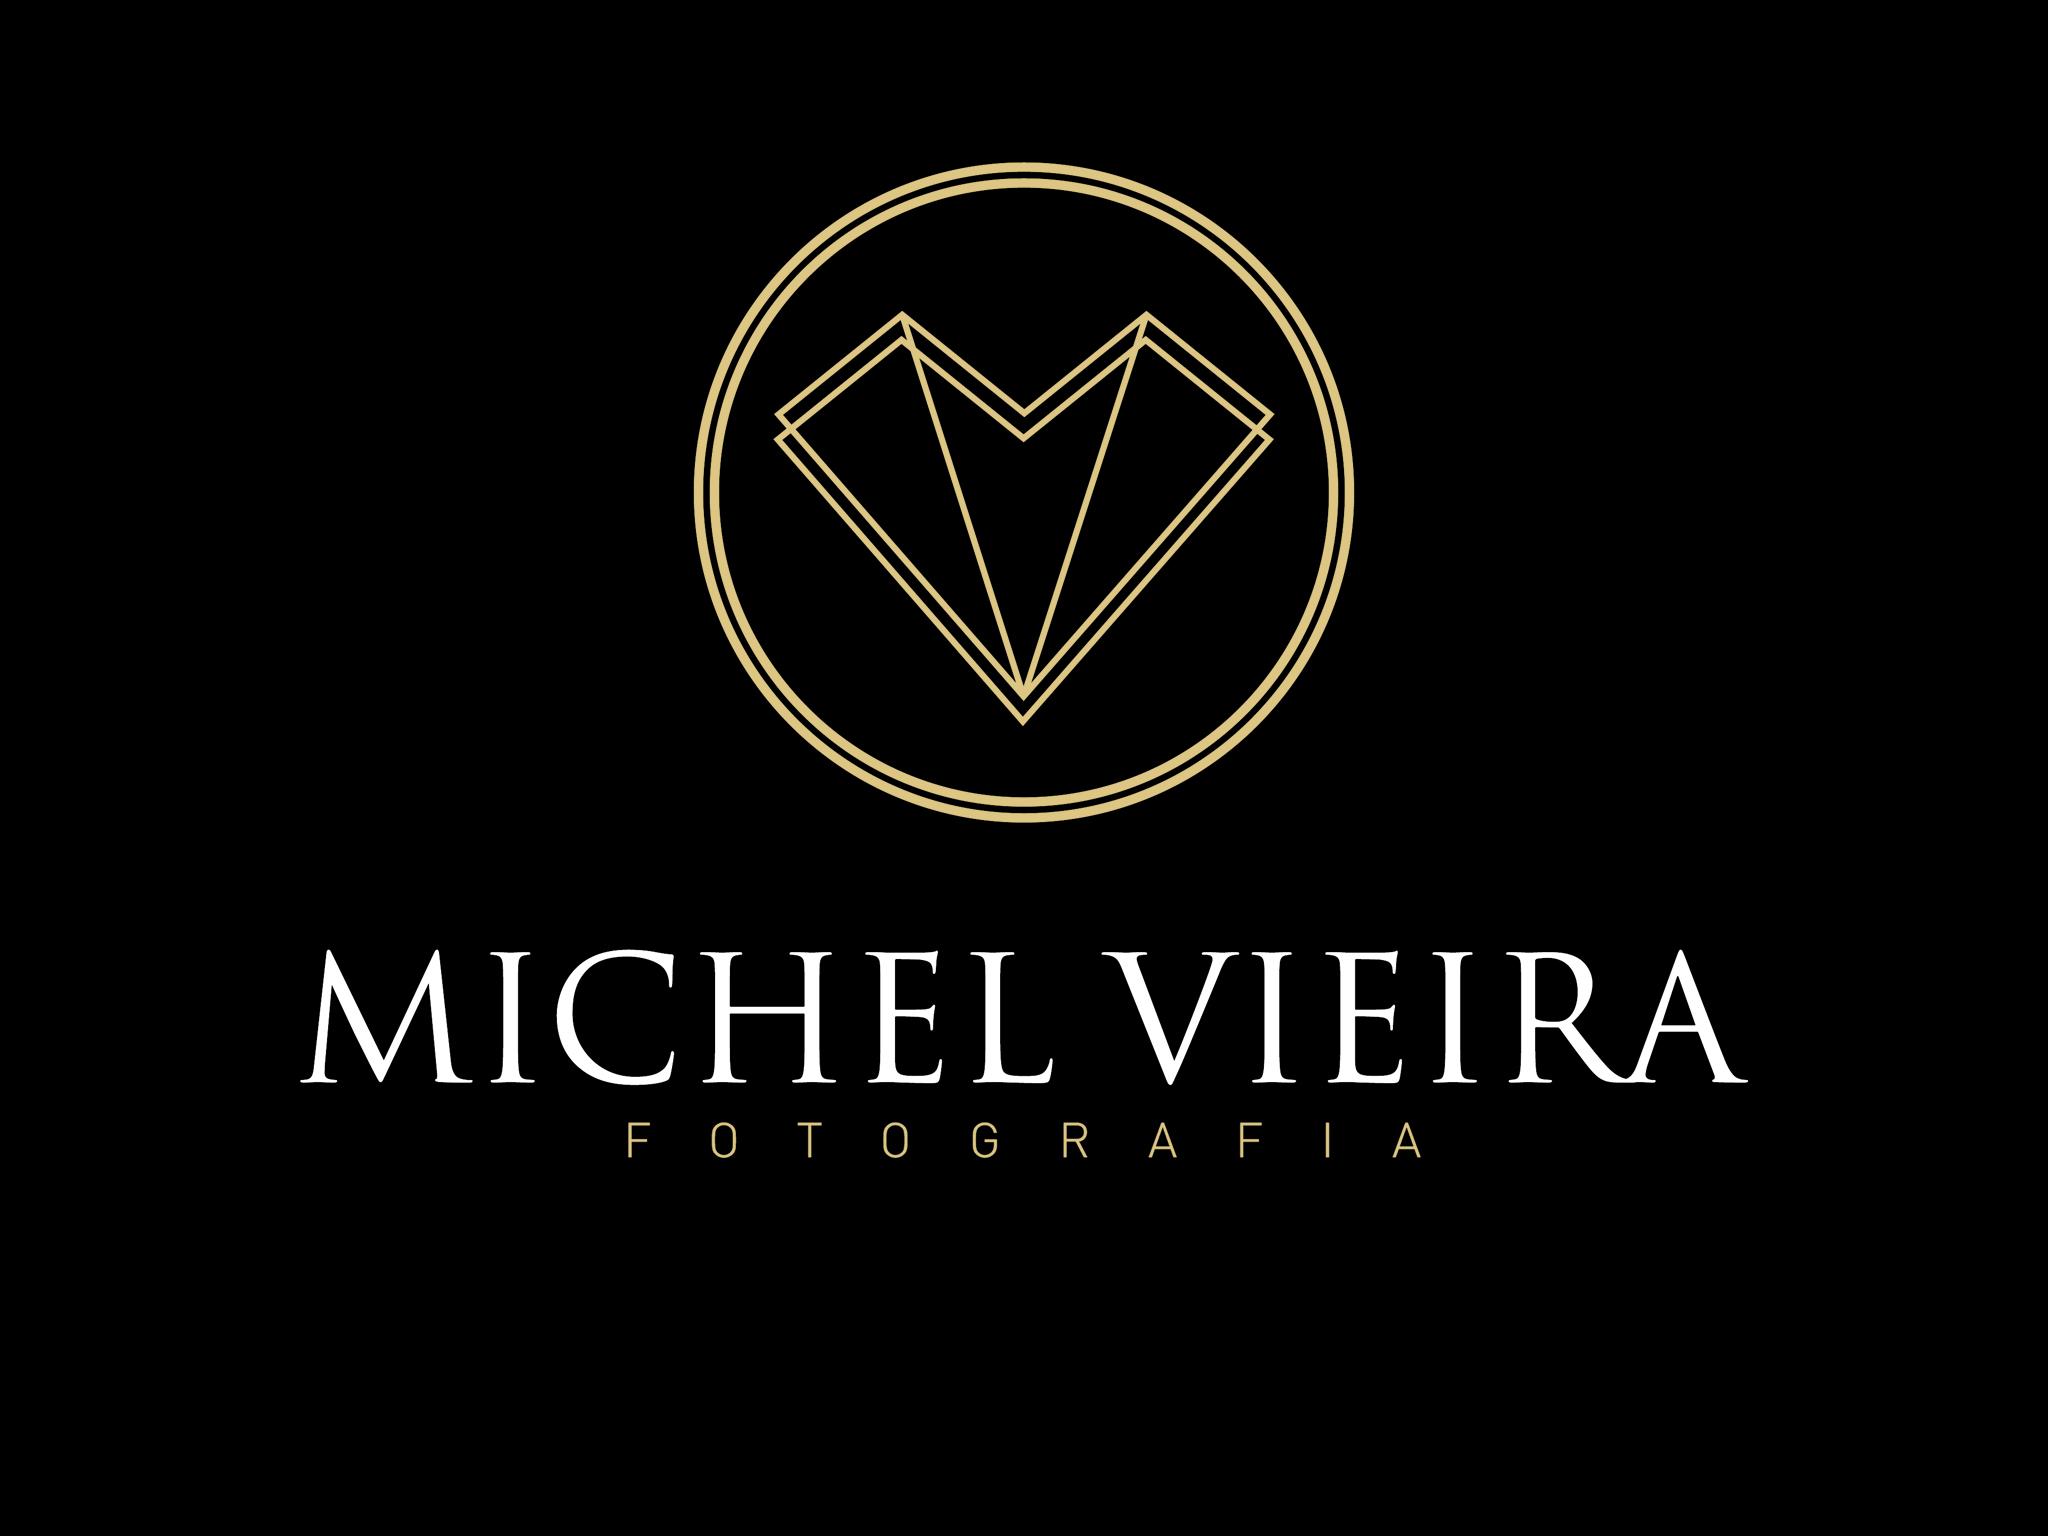 Contate Michel Vieira Fotografia - Fotógrafo de Casamentos e Eventos Santa Maria-RS.